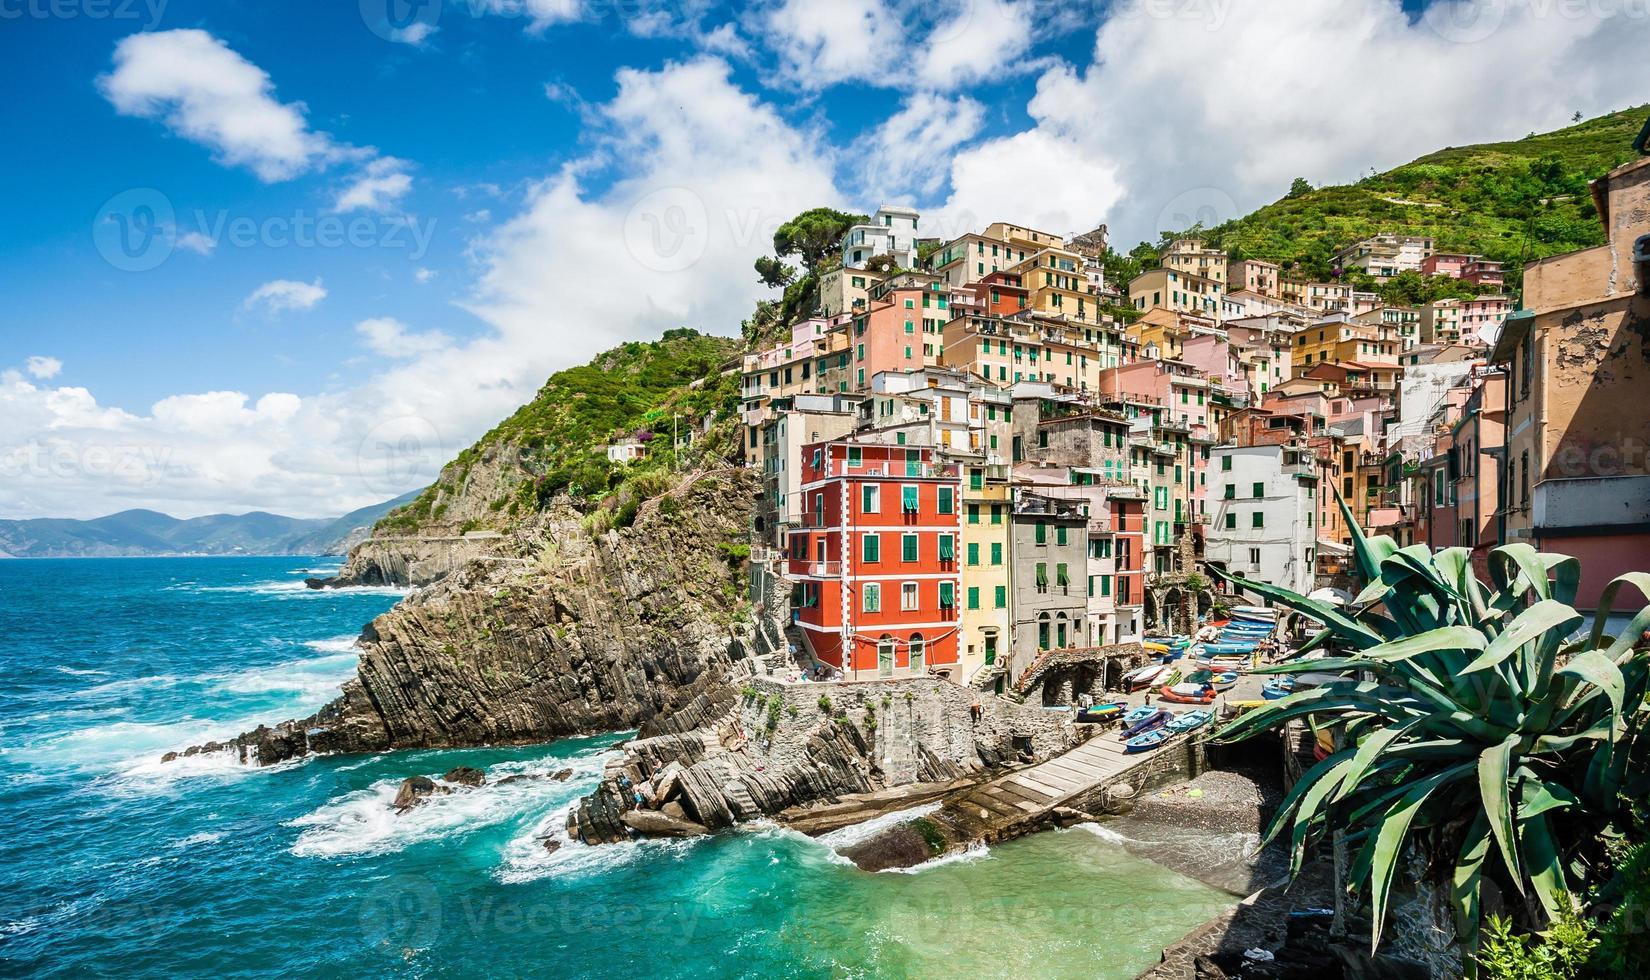 Village de pêcheurs de Riomaggiore à Cinque Terre, Ligurie, Italie photo